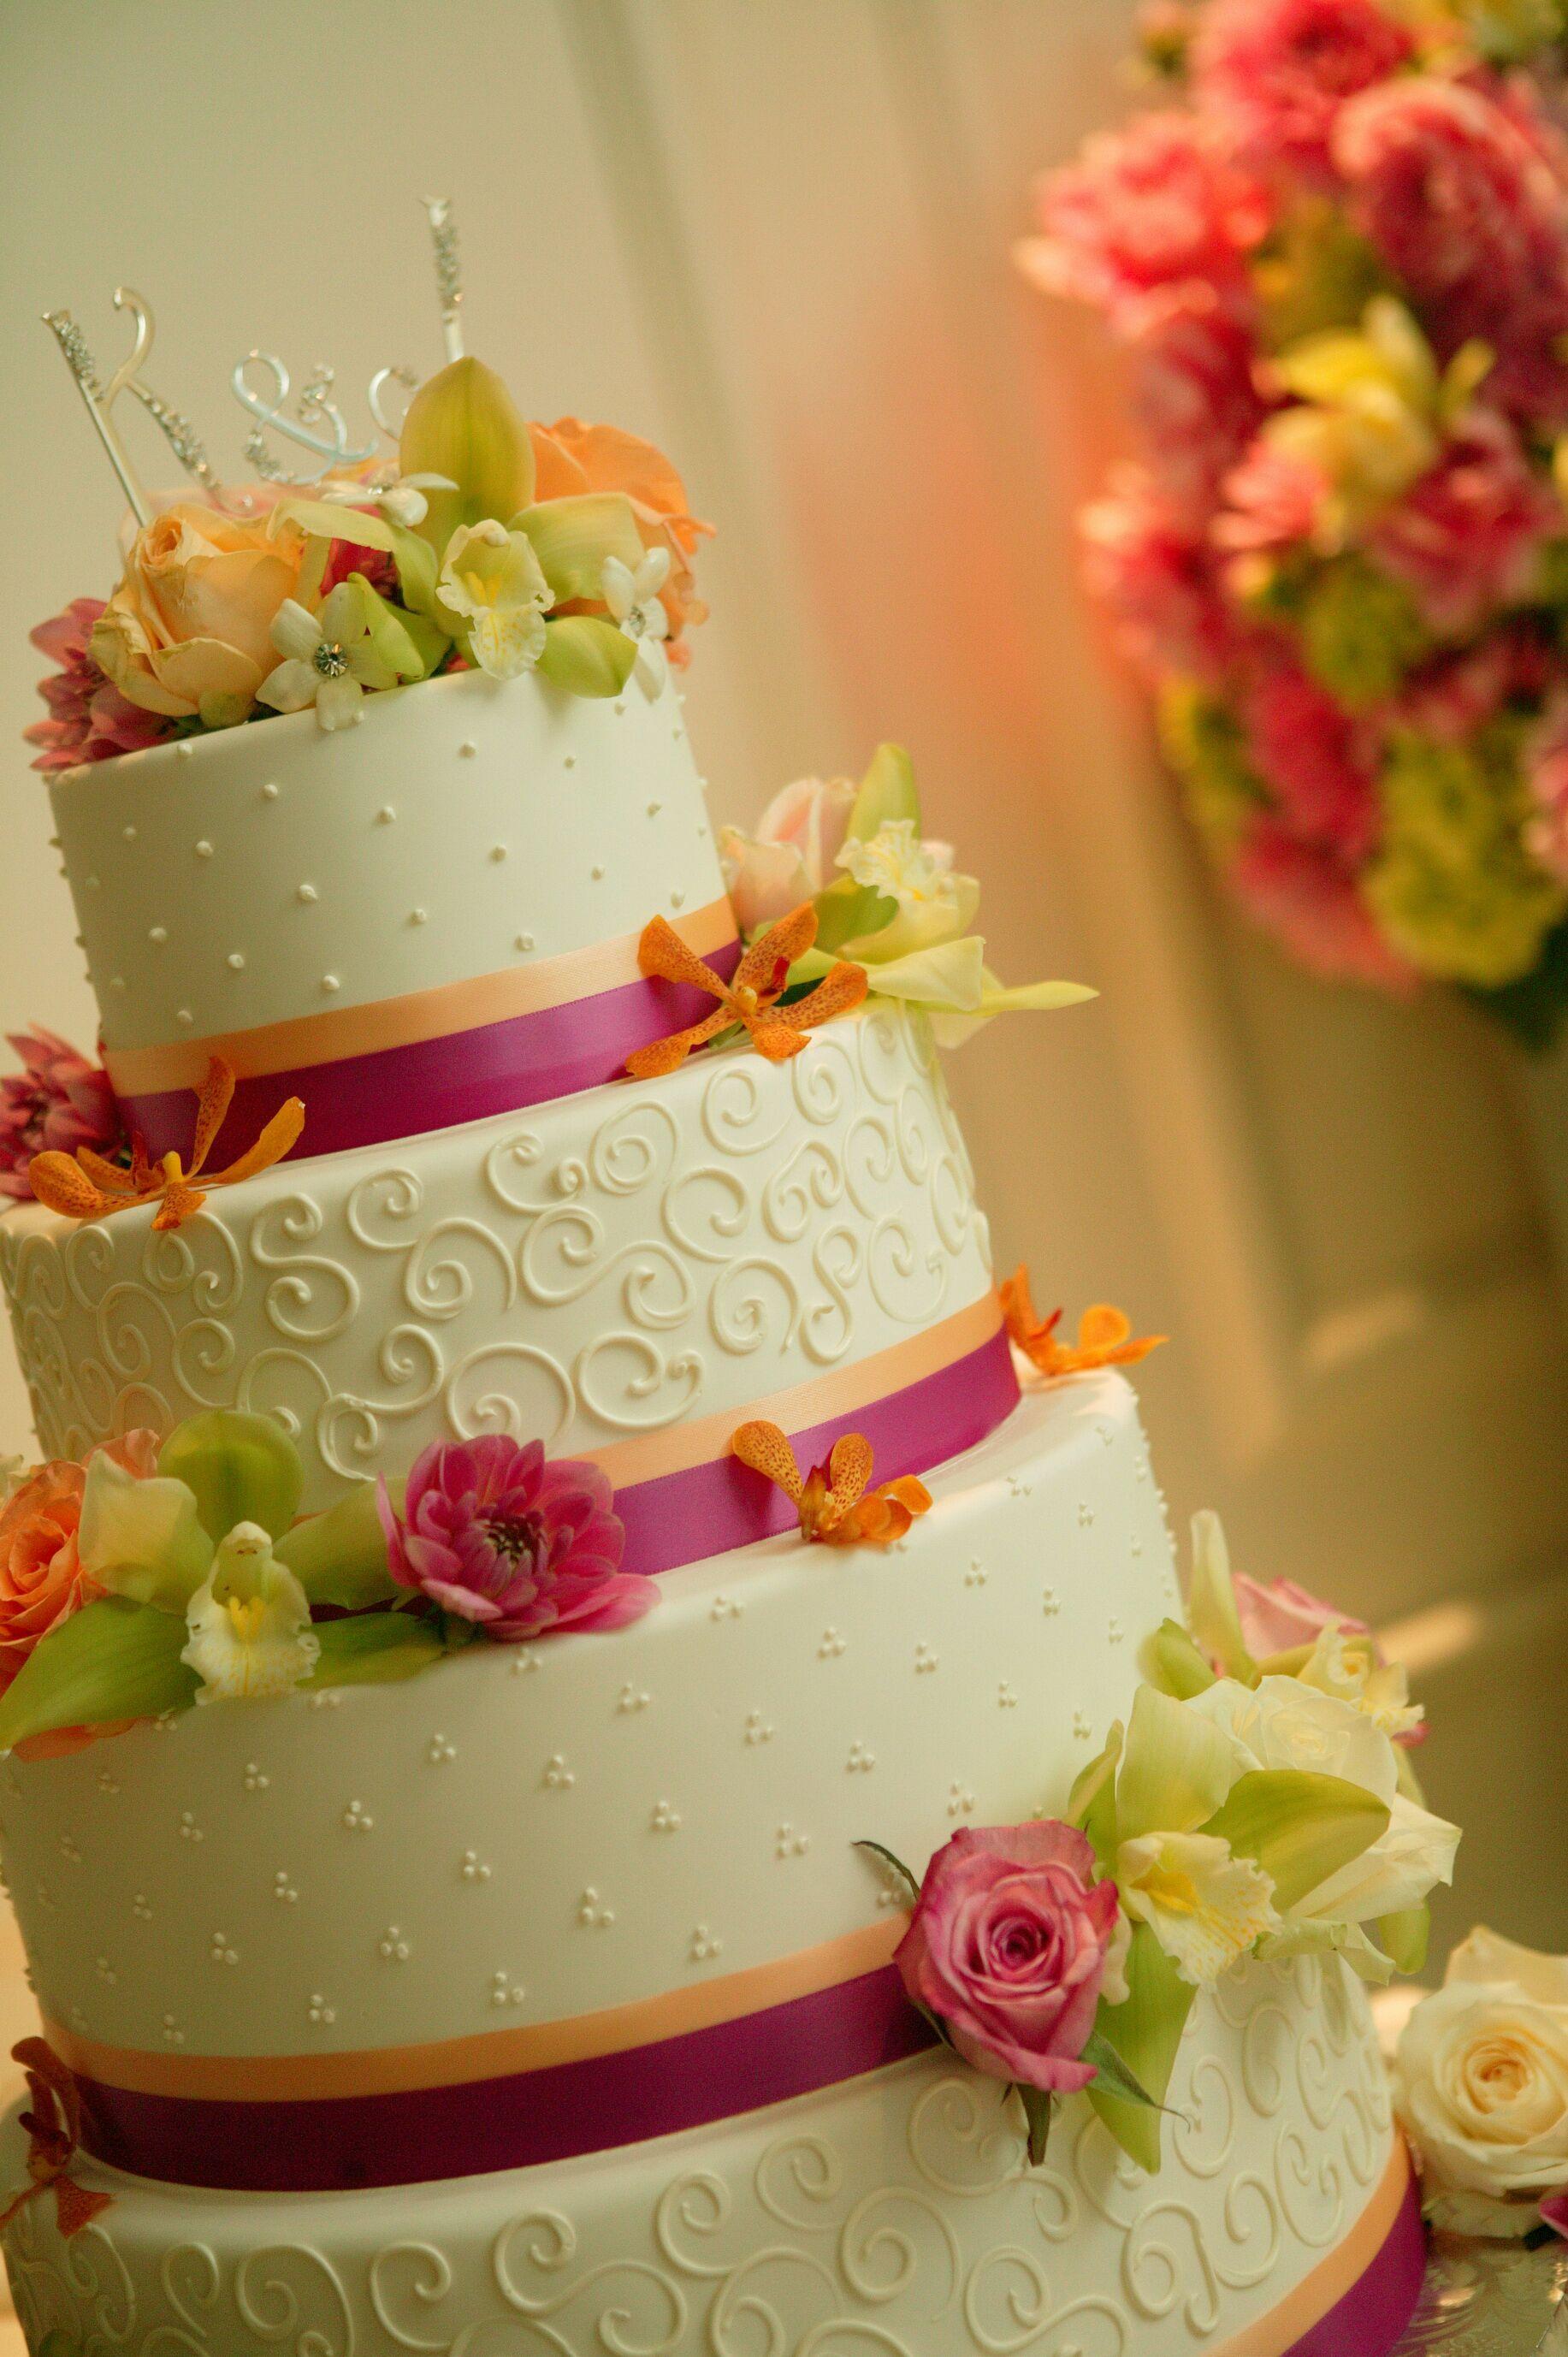 Cakes By Creme de la Creme - Renton, WA